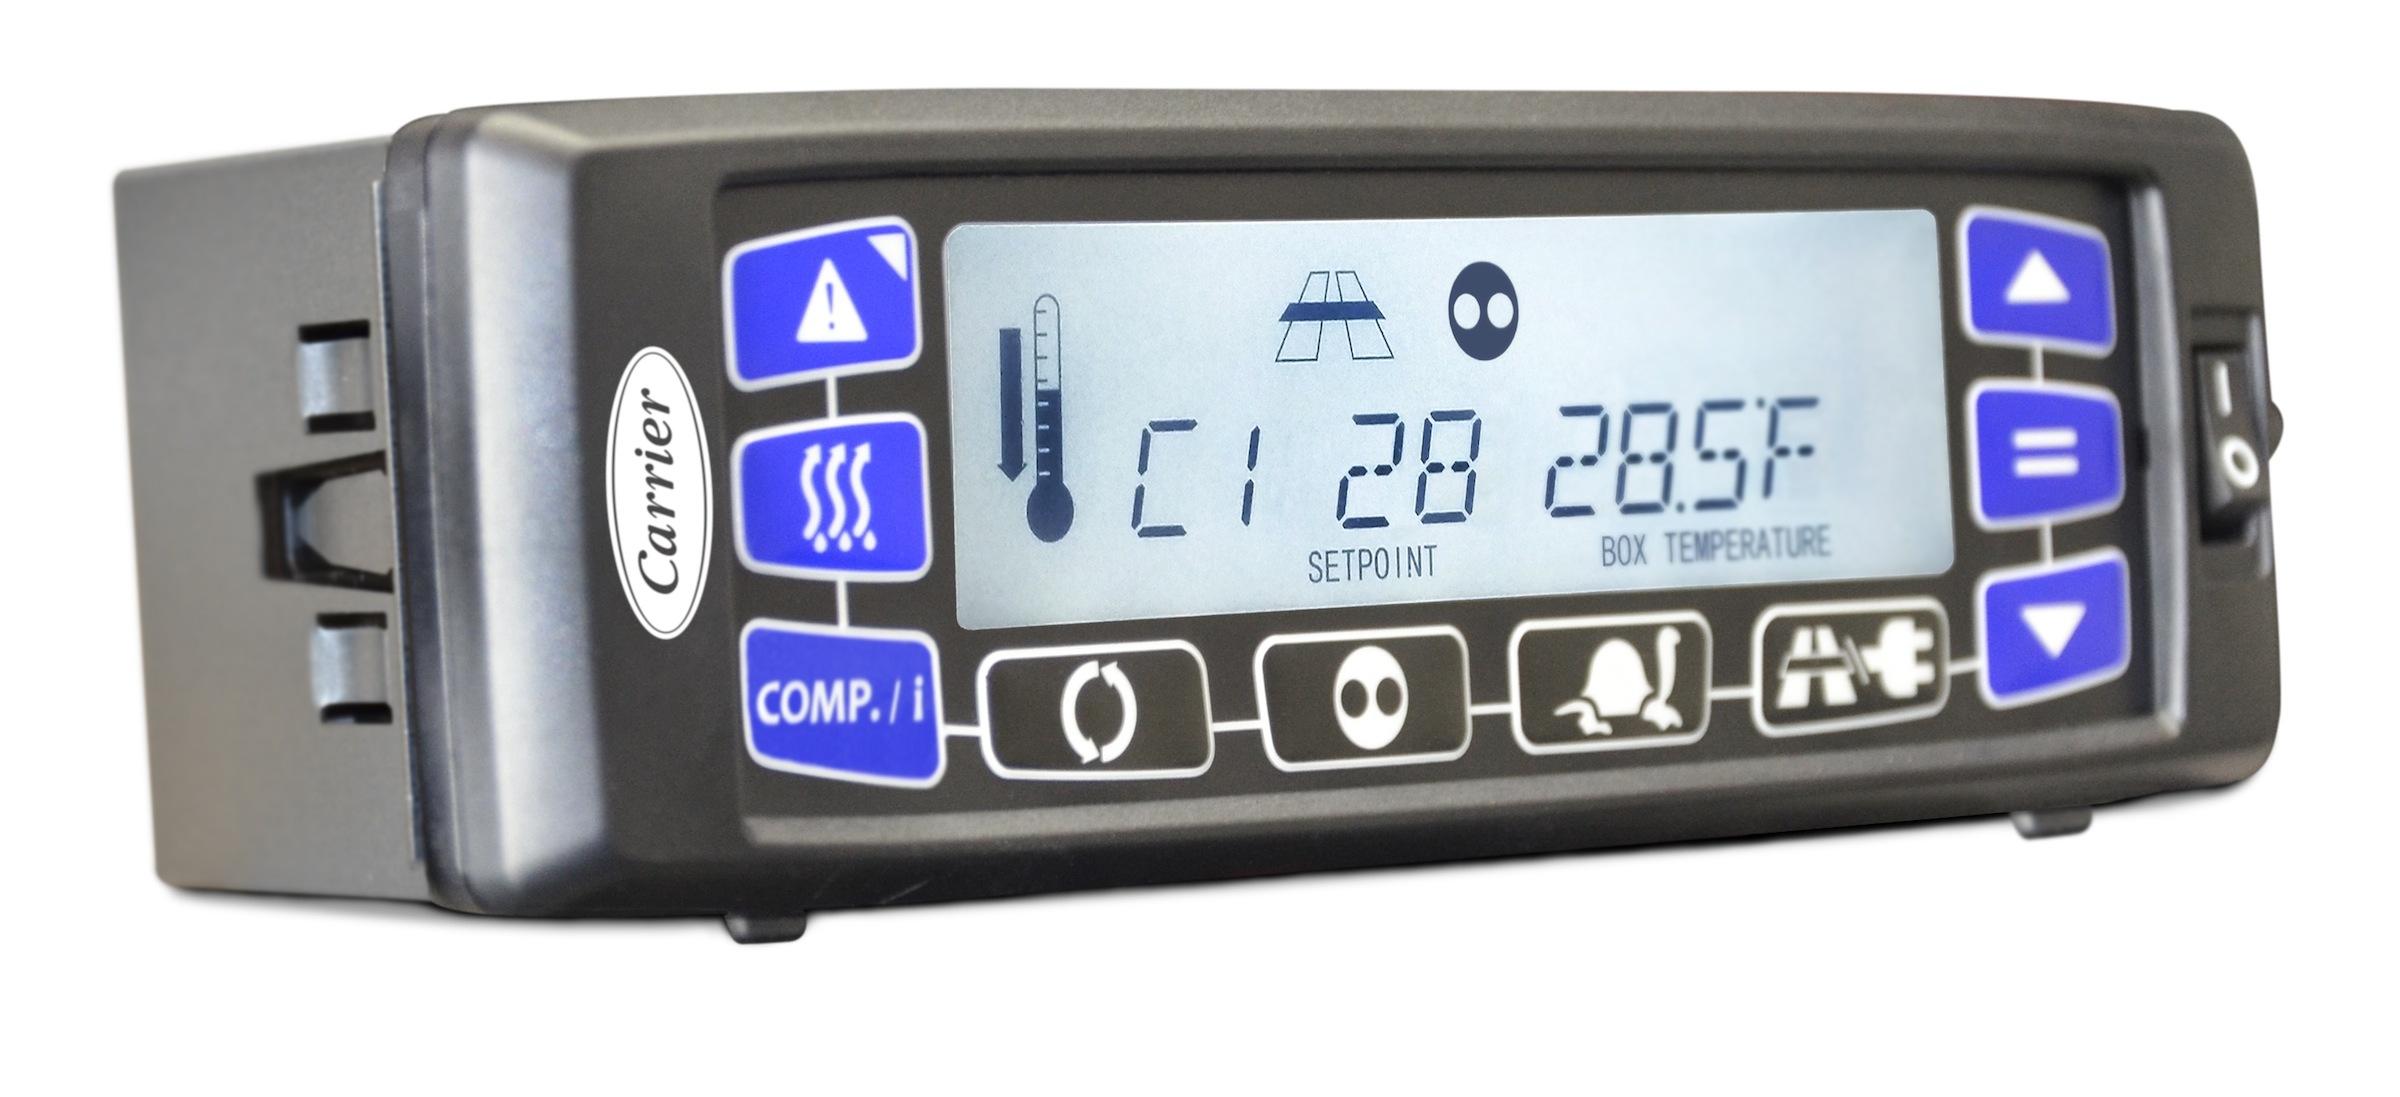 Truck controller